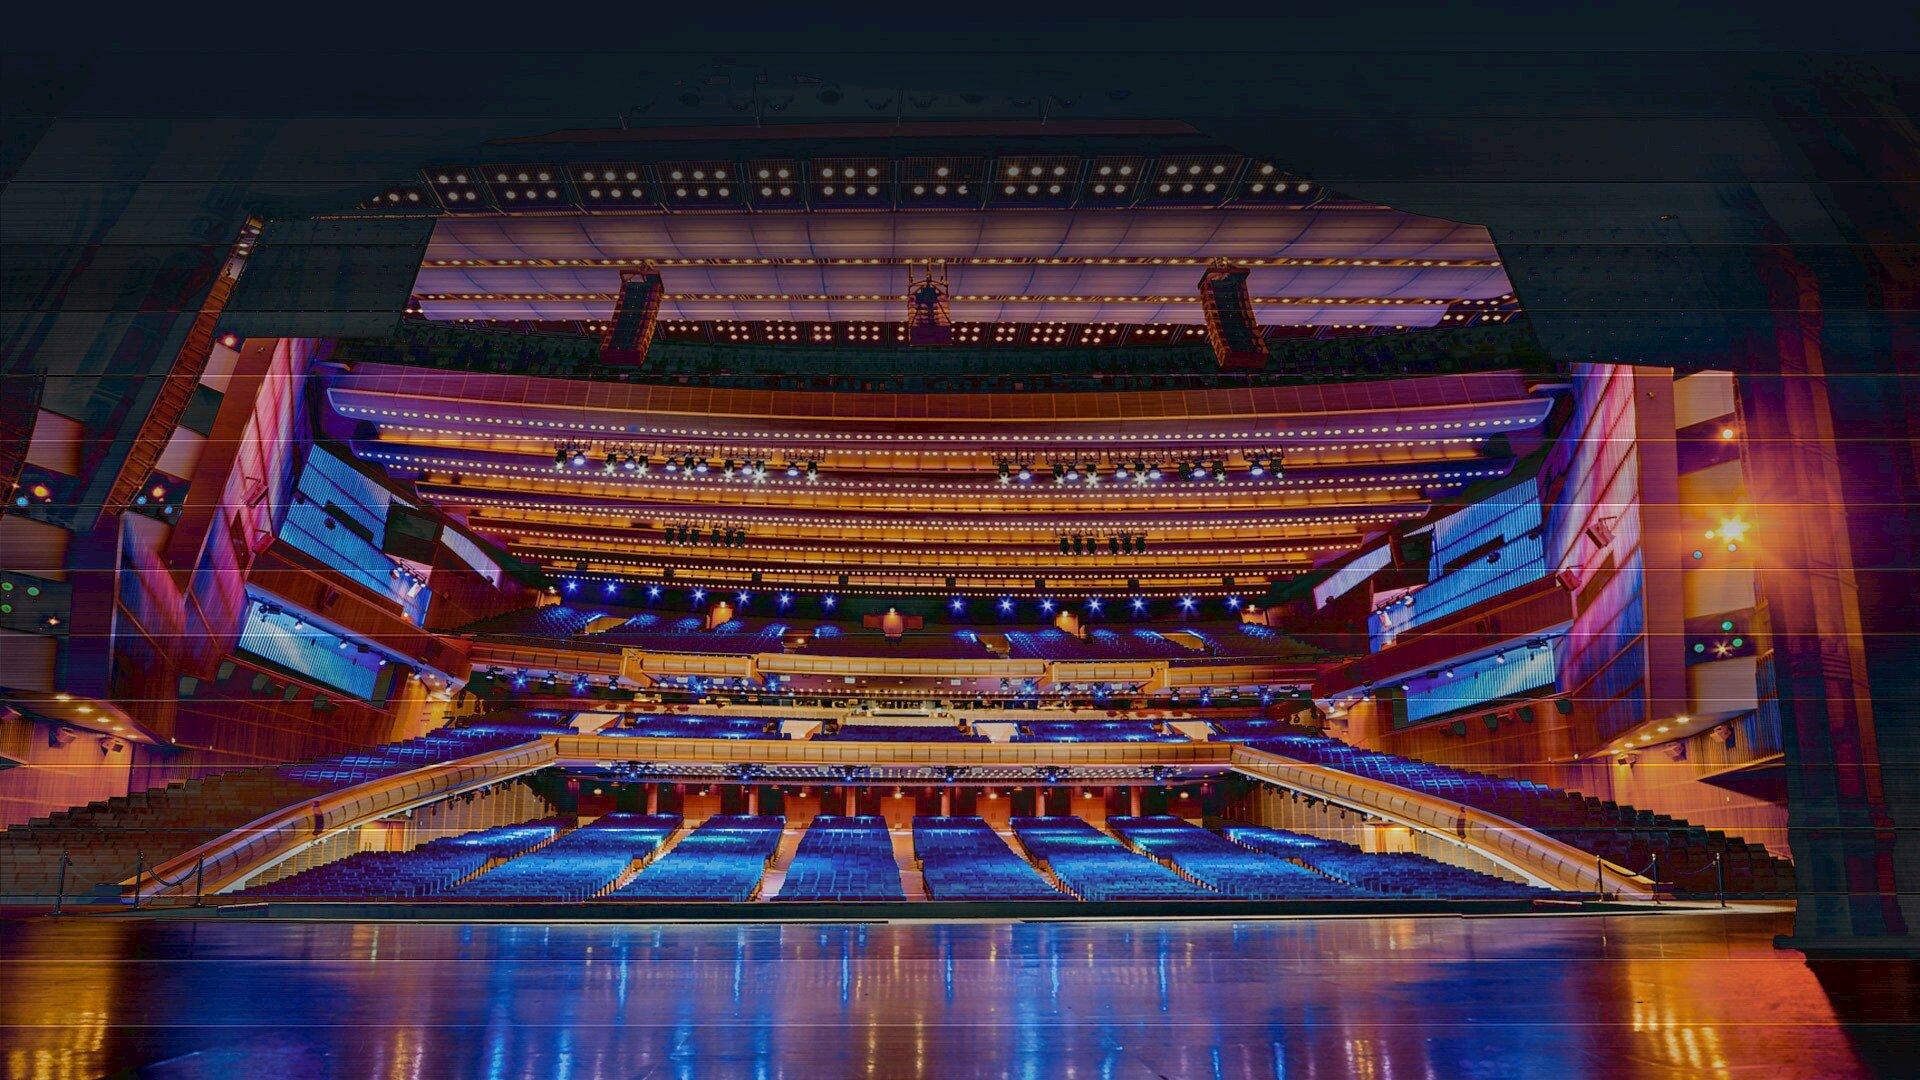 территории склоне концертные залы москвы схема фото женских захоронениях